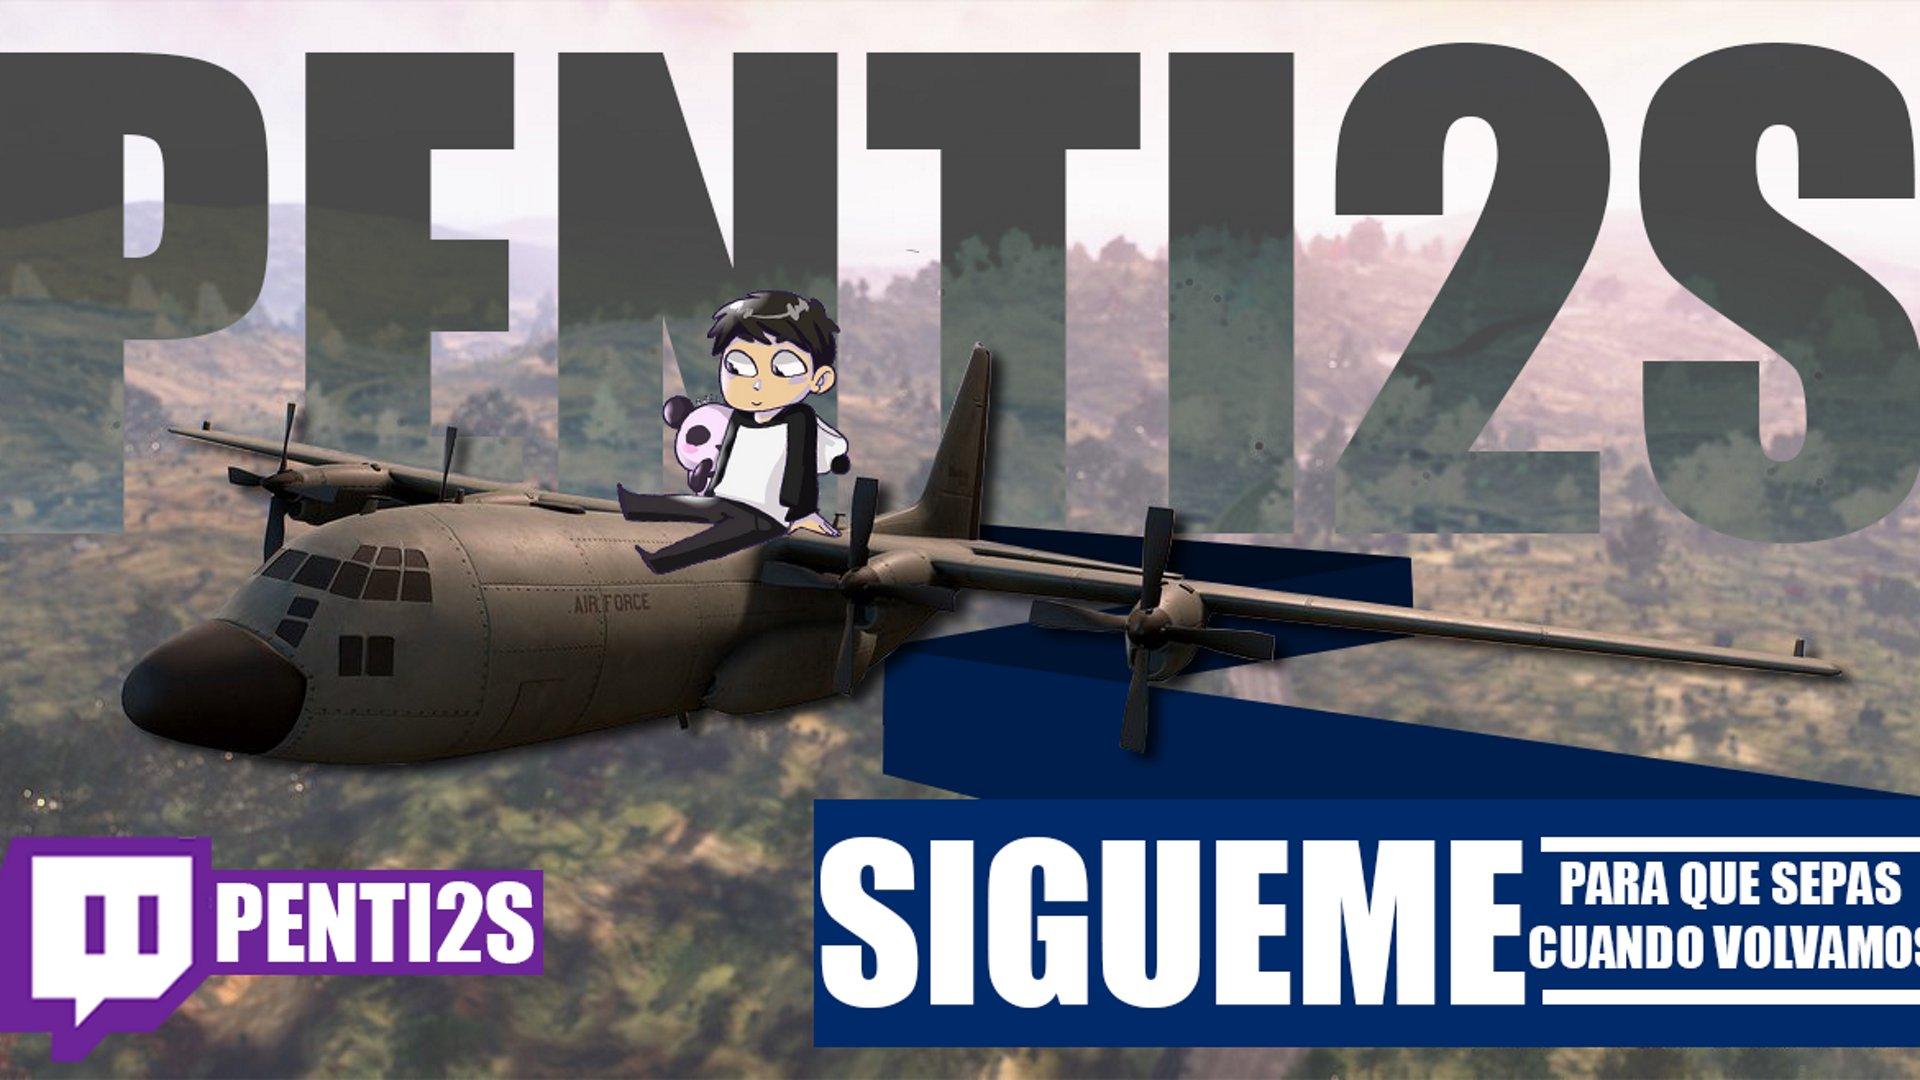 Penti2s